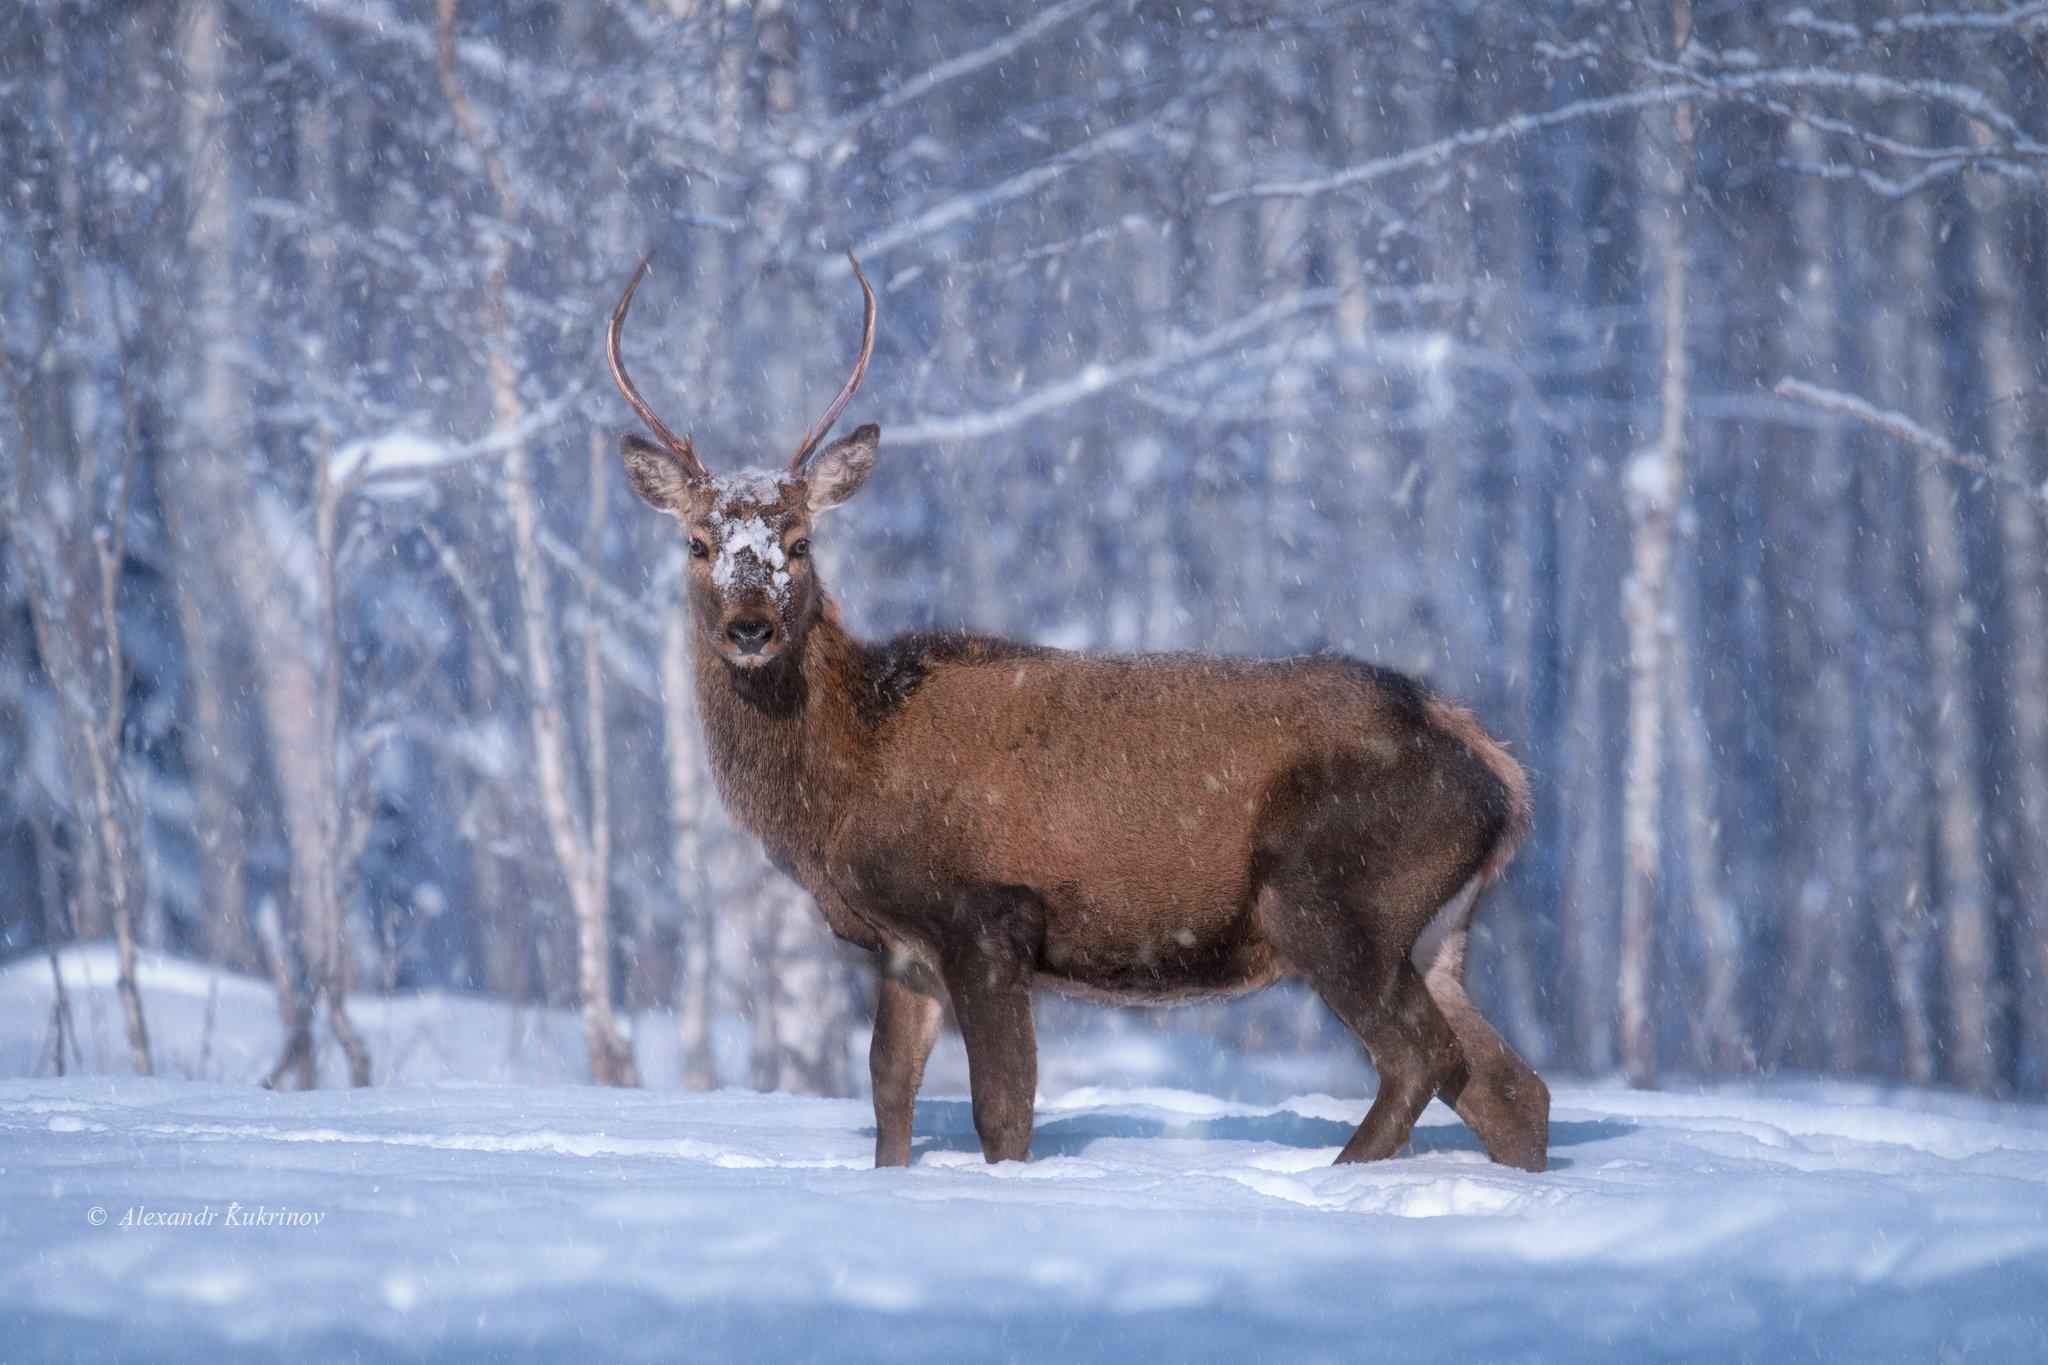 зима, олень, животные, Александр Кукринов